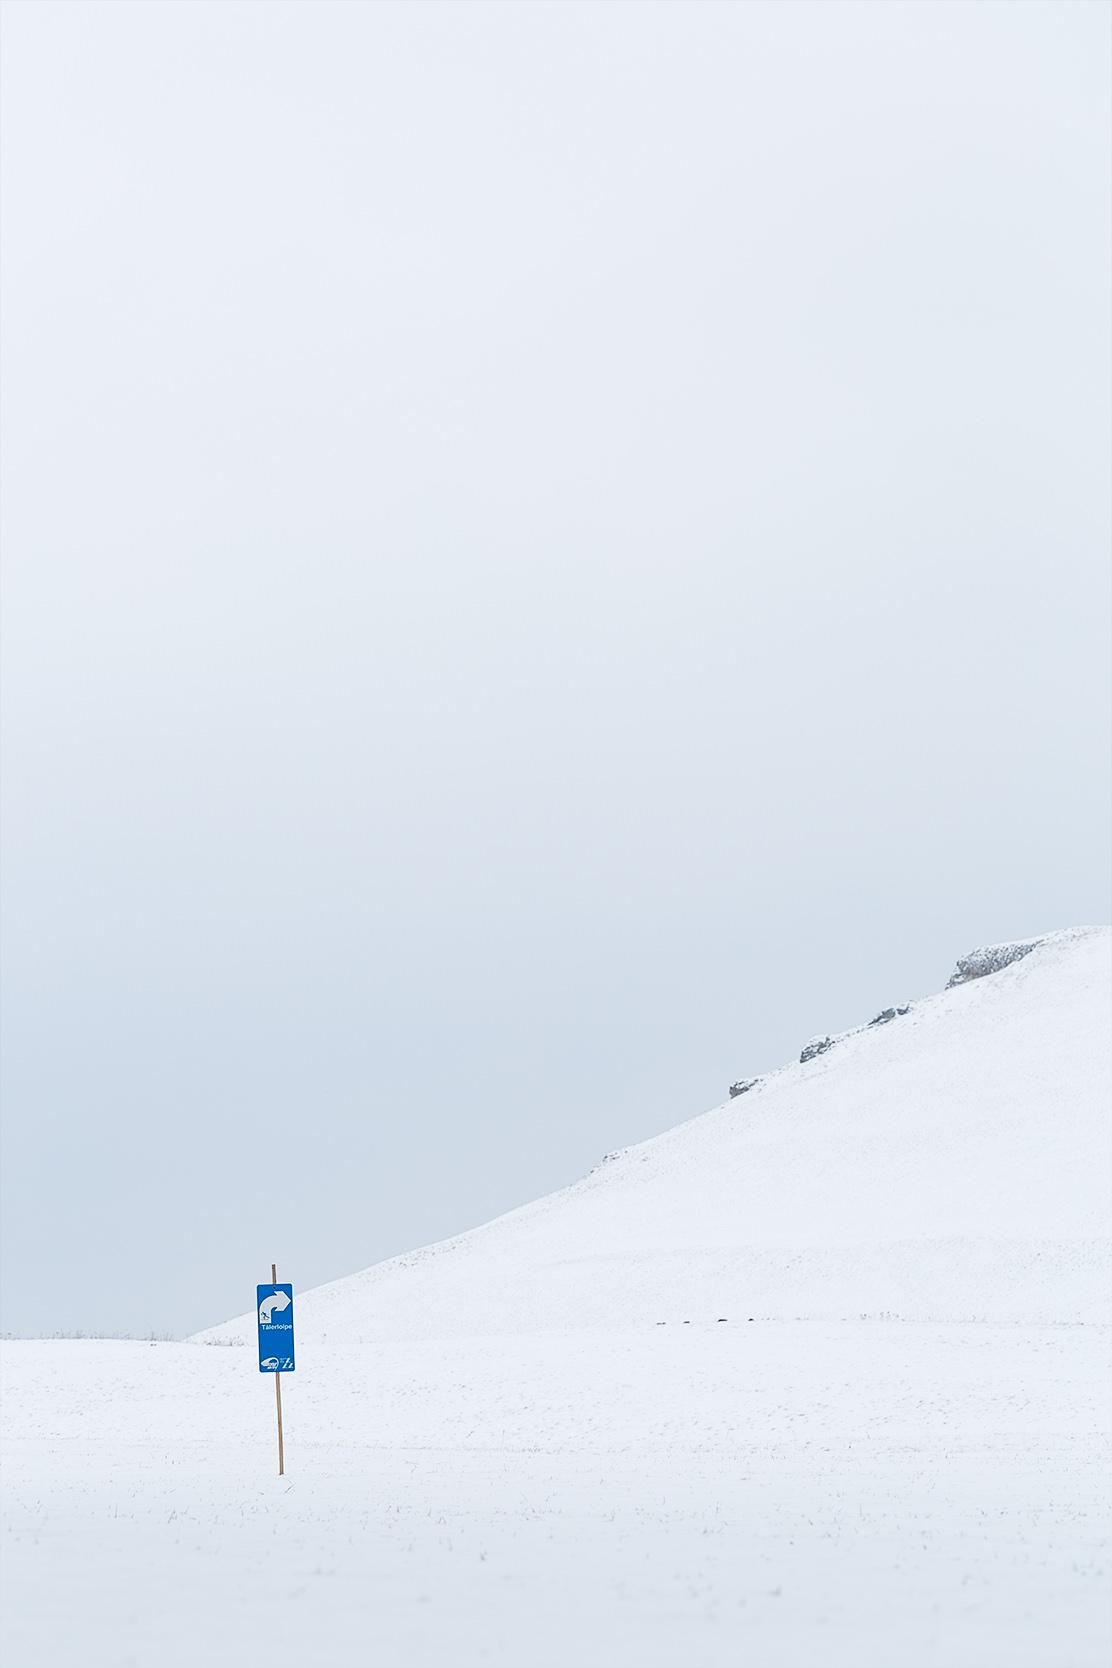 Blaues Schild mit Weghinweis für eine Langlaufloipe im Schnee.